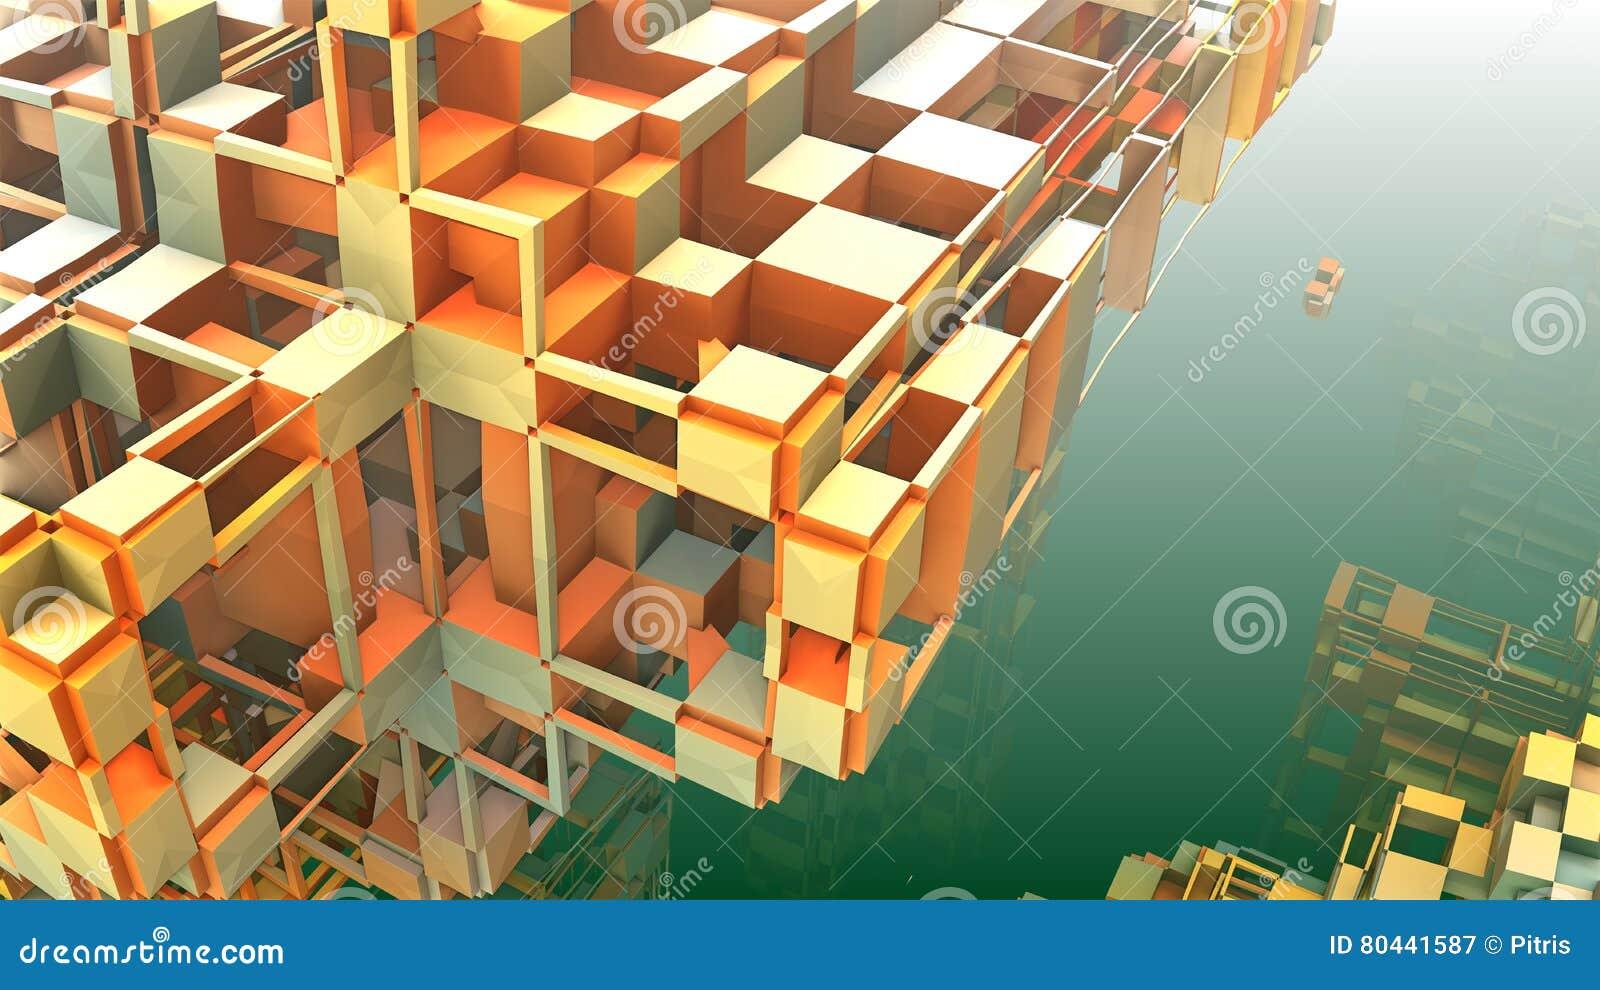 geometrische formen 3d die in raum schwimmen stock abbildung bild 80441587. Black Bedroom Furniture Sets. Home Design Ideas